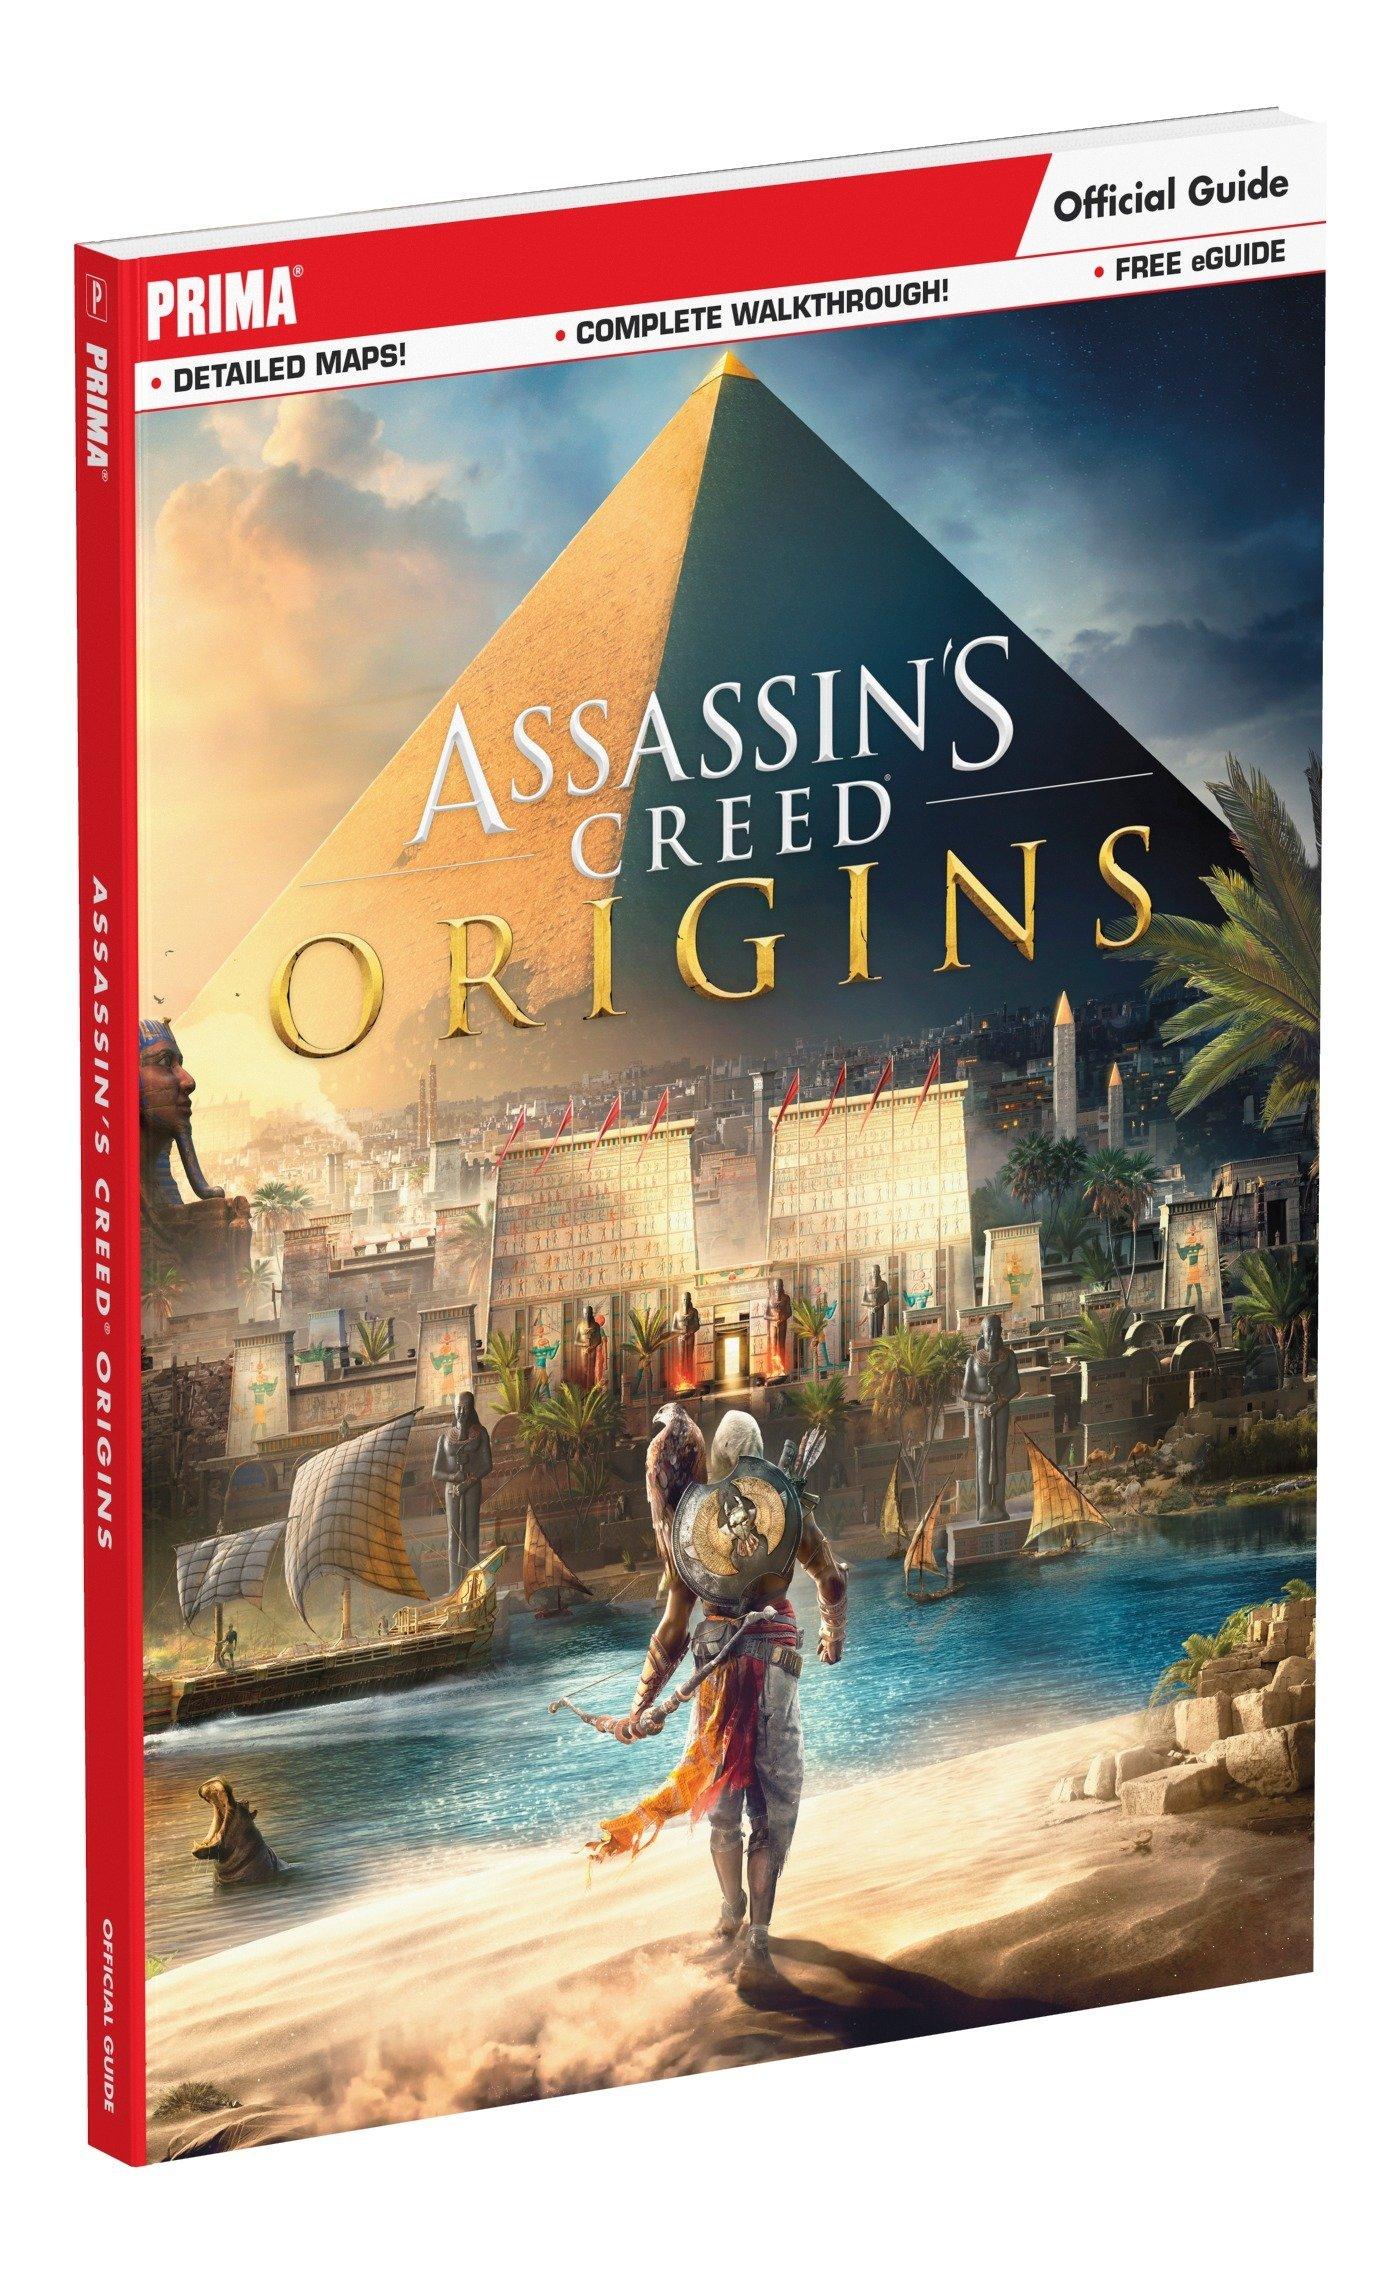 Assassins Creed Origins: Amazon.es: Prima Games: Libros en ...